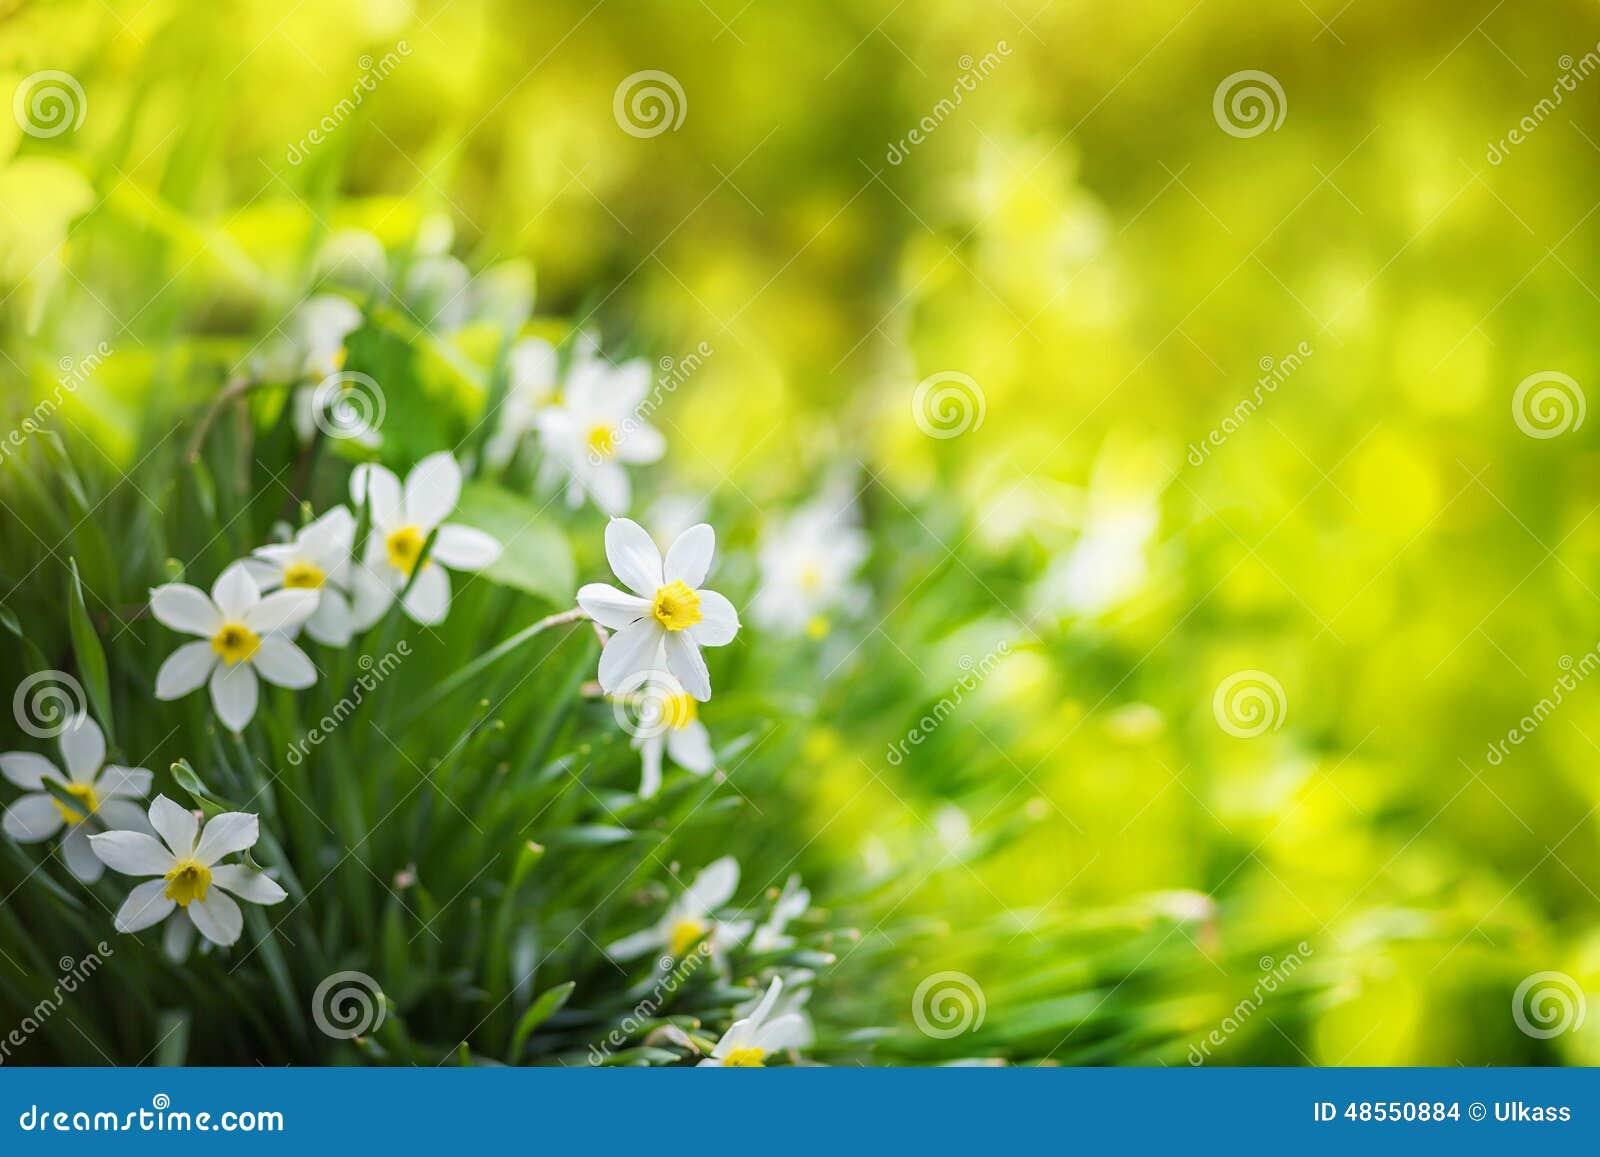 fleurs blanches de narcisse l 39 arri re plan d 39 t photo. Black Bedroom Furniture Sets. Home Design Ideas